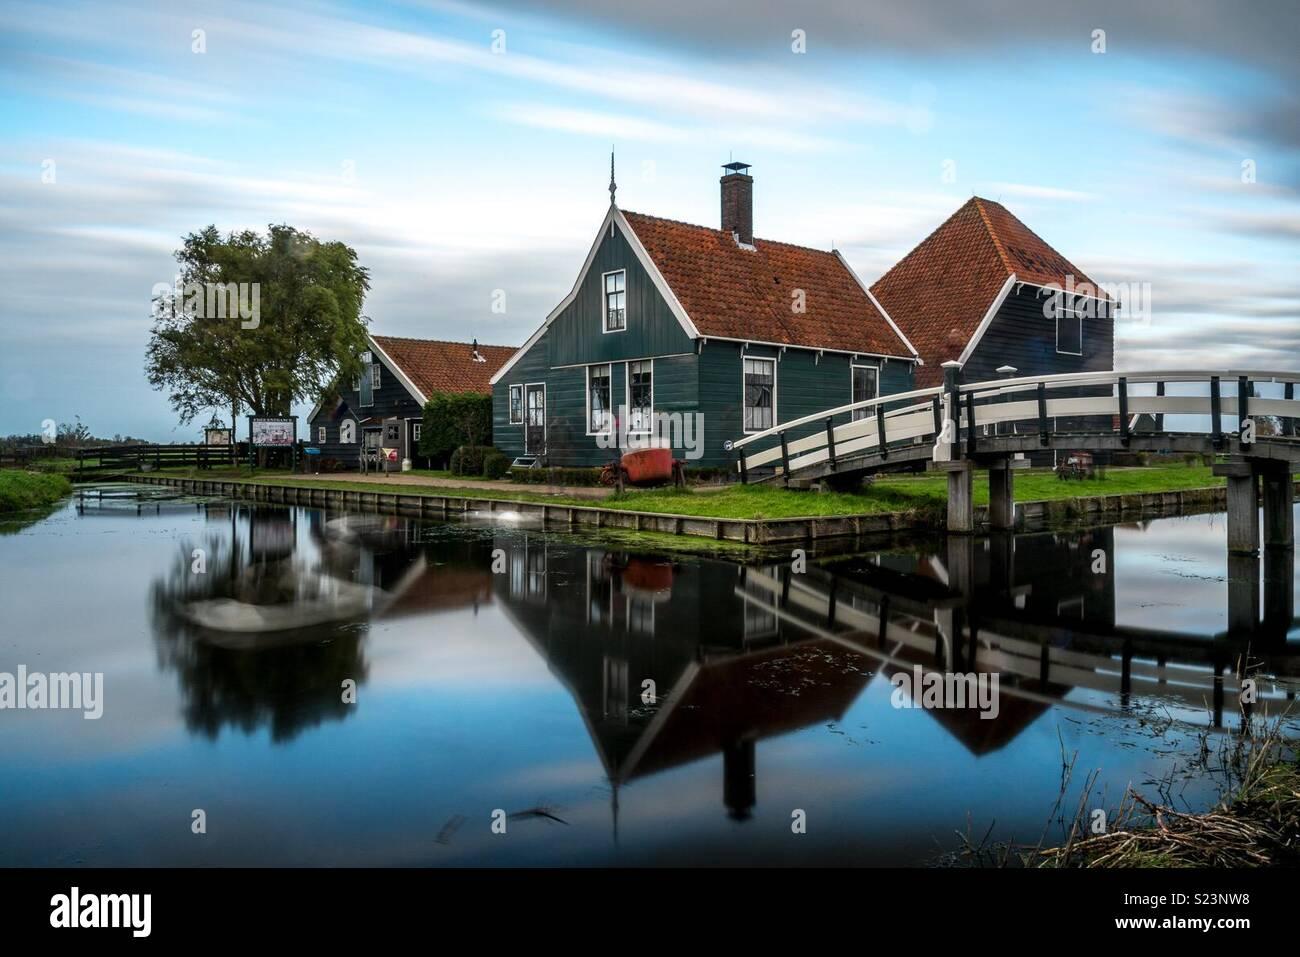 Tienda de queso, Zaanse Schans, Países Bajos Imagen De Stock